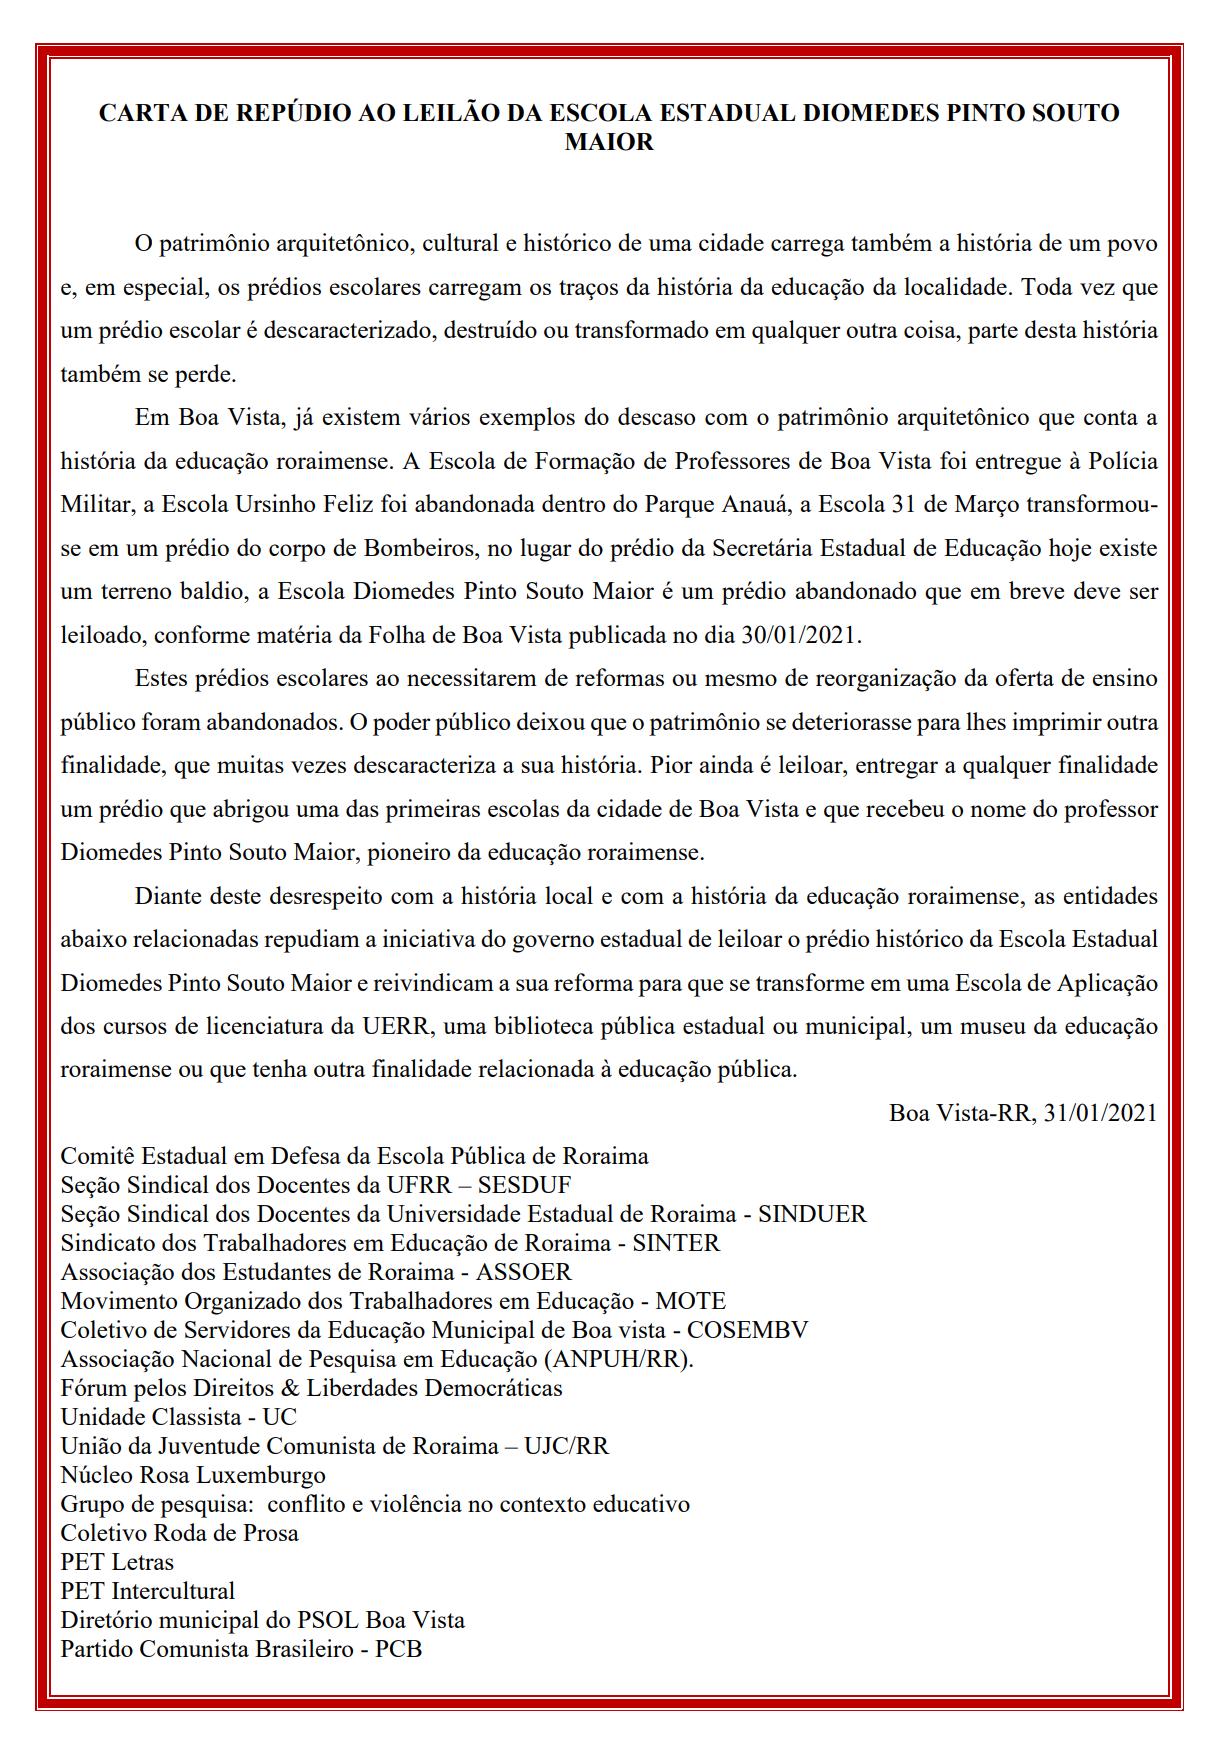 Movimentos Sociais e Sindicais lançam carta de repúdio ao leilão da Escola Estadual Diomedes